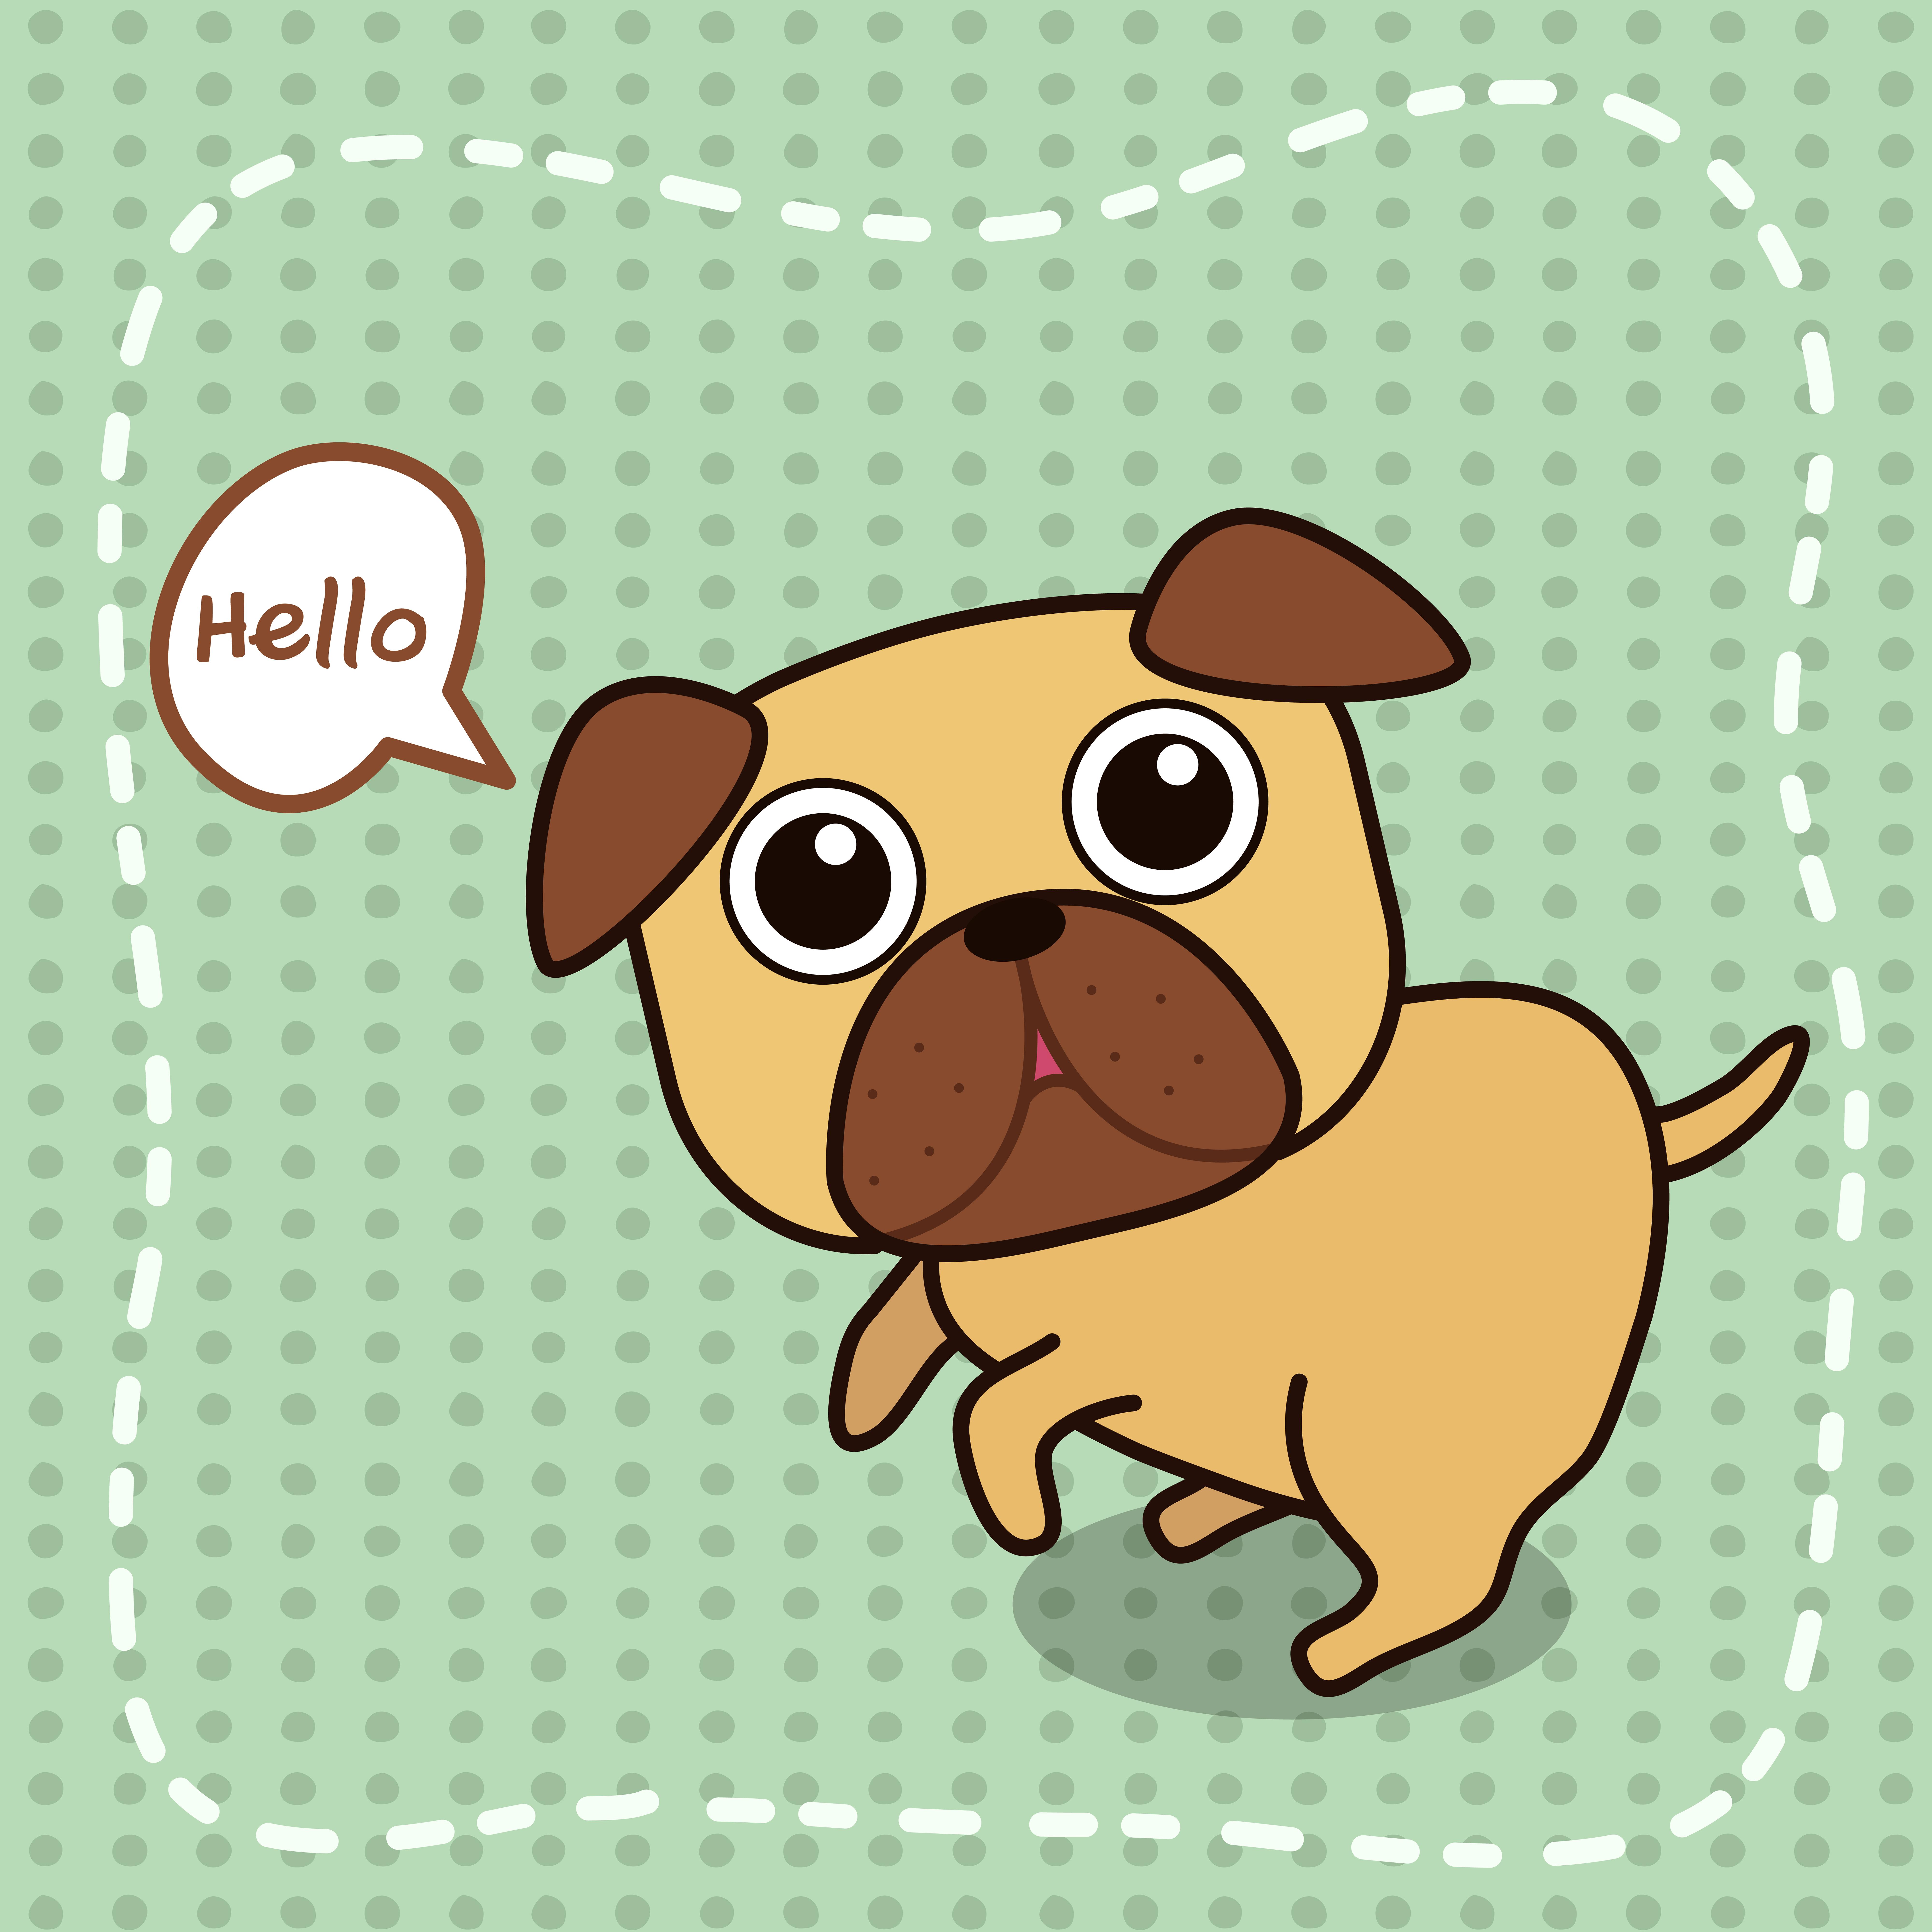 Pug Dog Says Hello Download Free Vectors Clipart Graphics Amp Vector Art